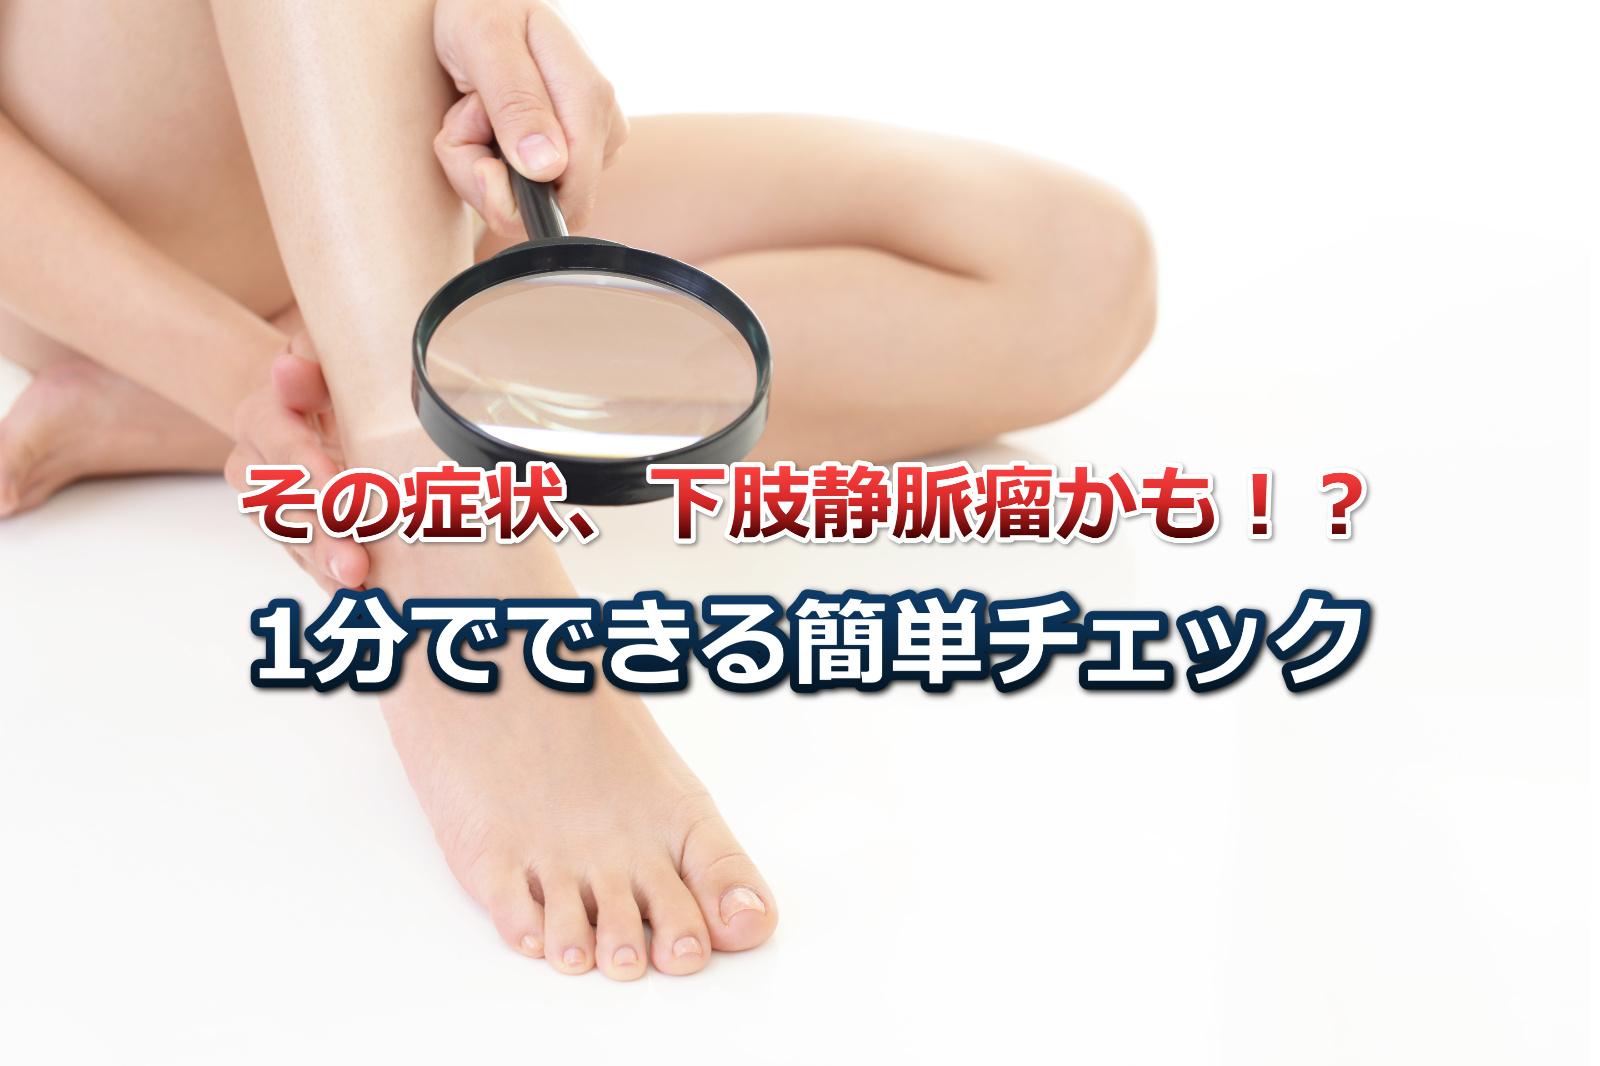 下肢静脈瘤簡単チェック